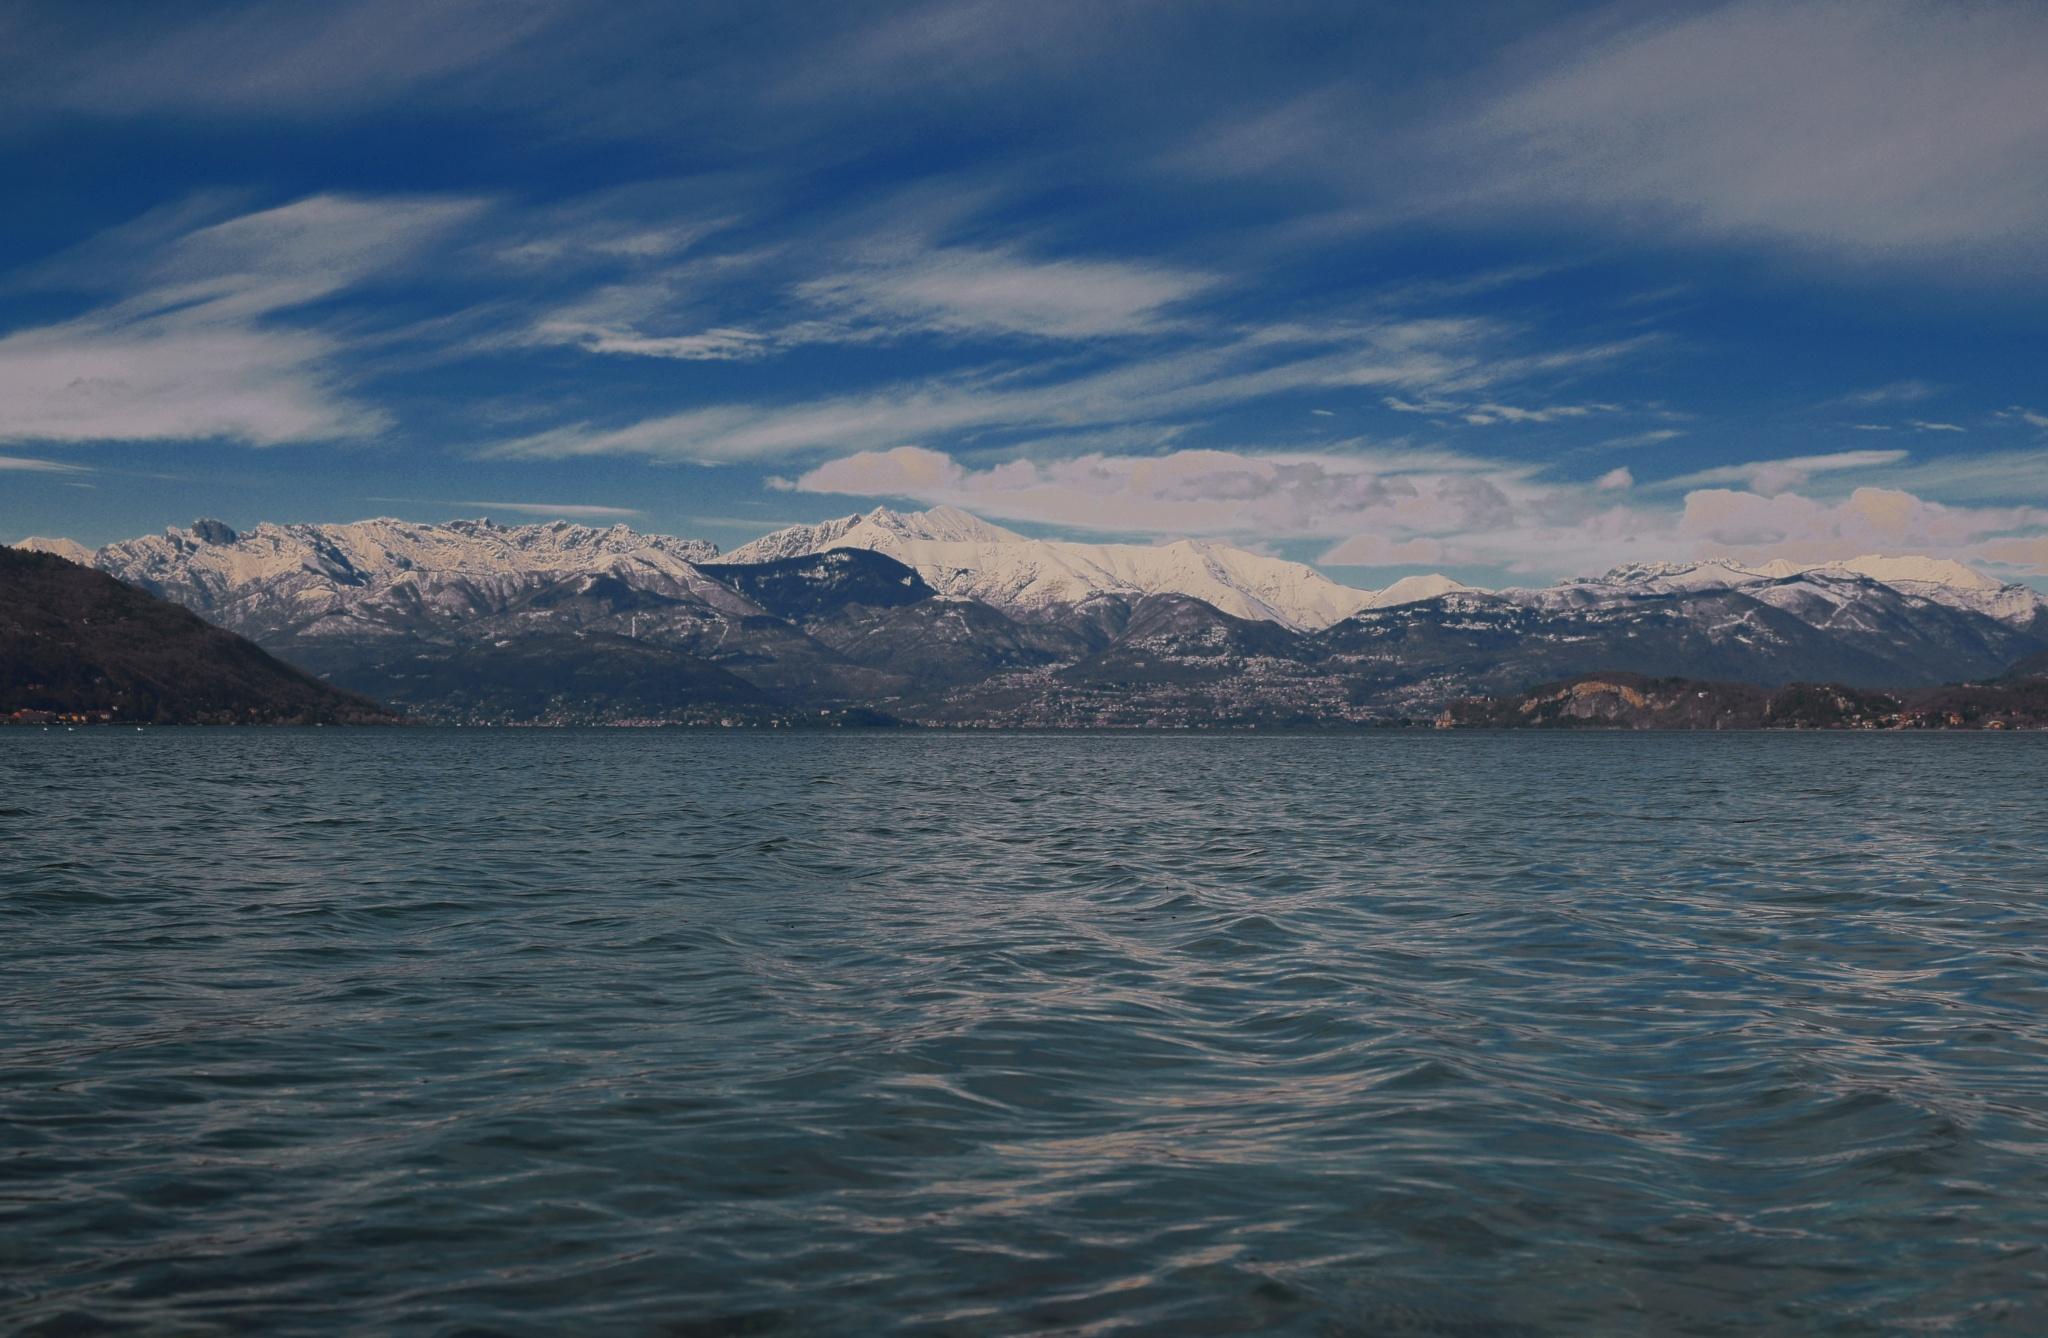 Il Lago Maggiore e le Alpi by v2franchi